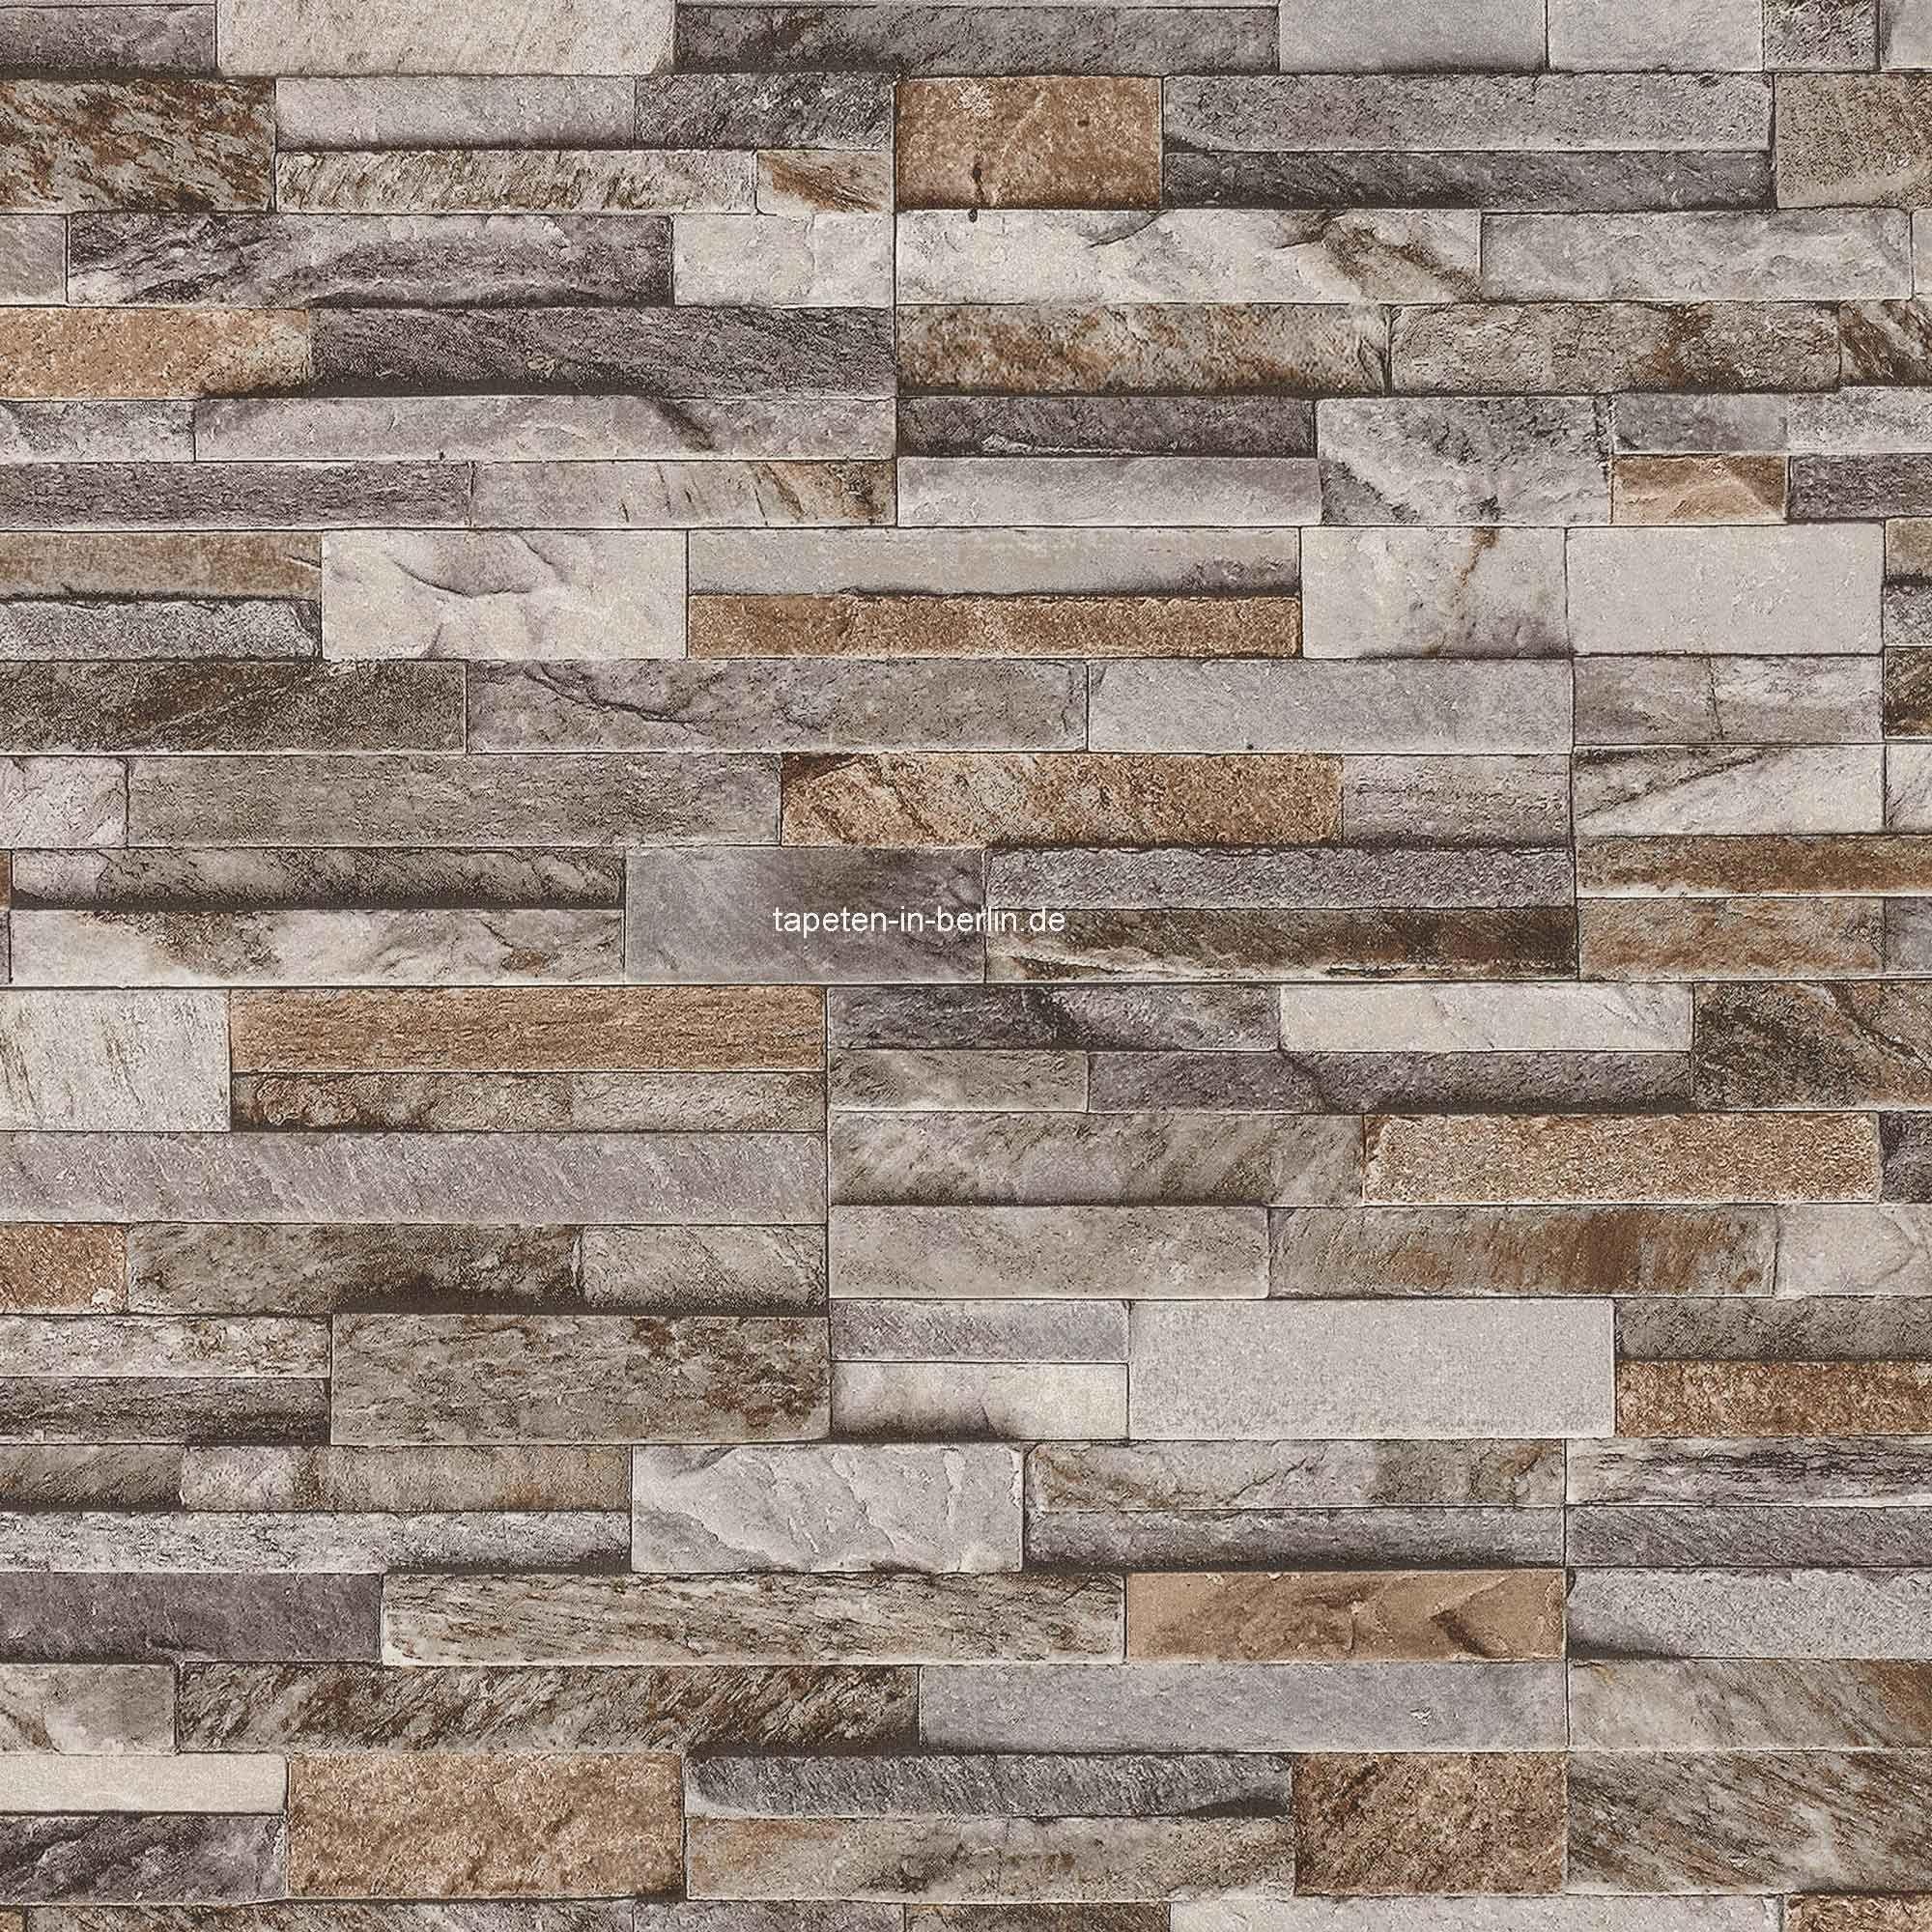 wandgestaltung wohnzimmer steintapete : Tapete Stein Steinwand Vlies Mauer Beige Fototapete Klinker Wand